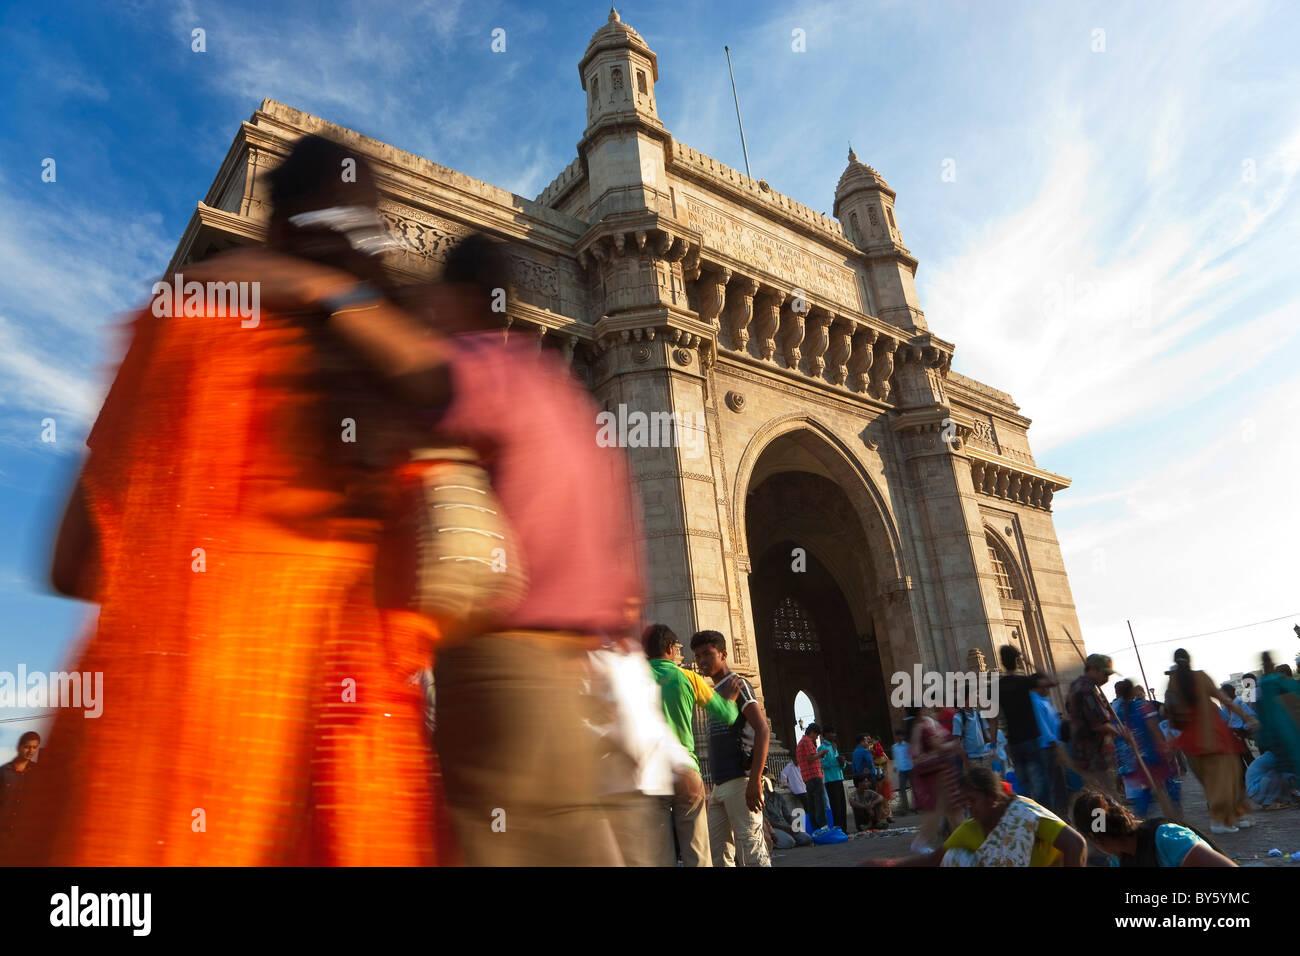 Gateway of India, Mumbai (Bombay), India - Stock Image